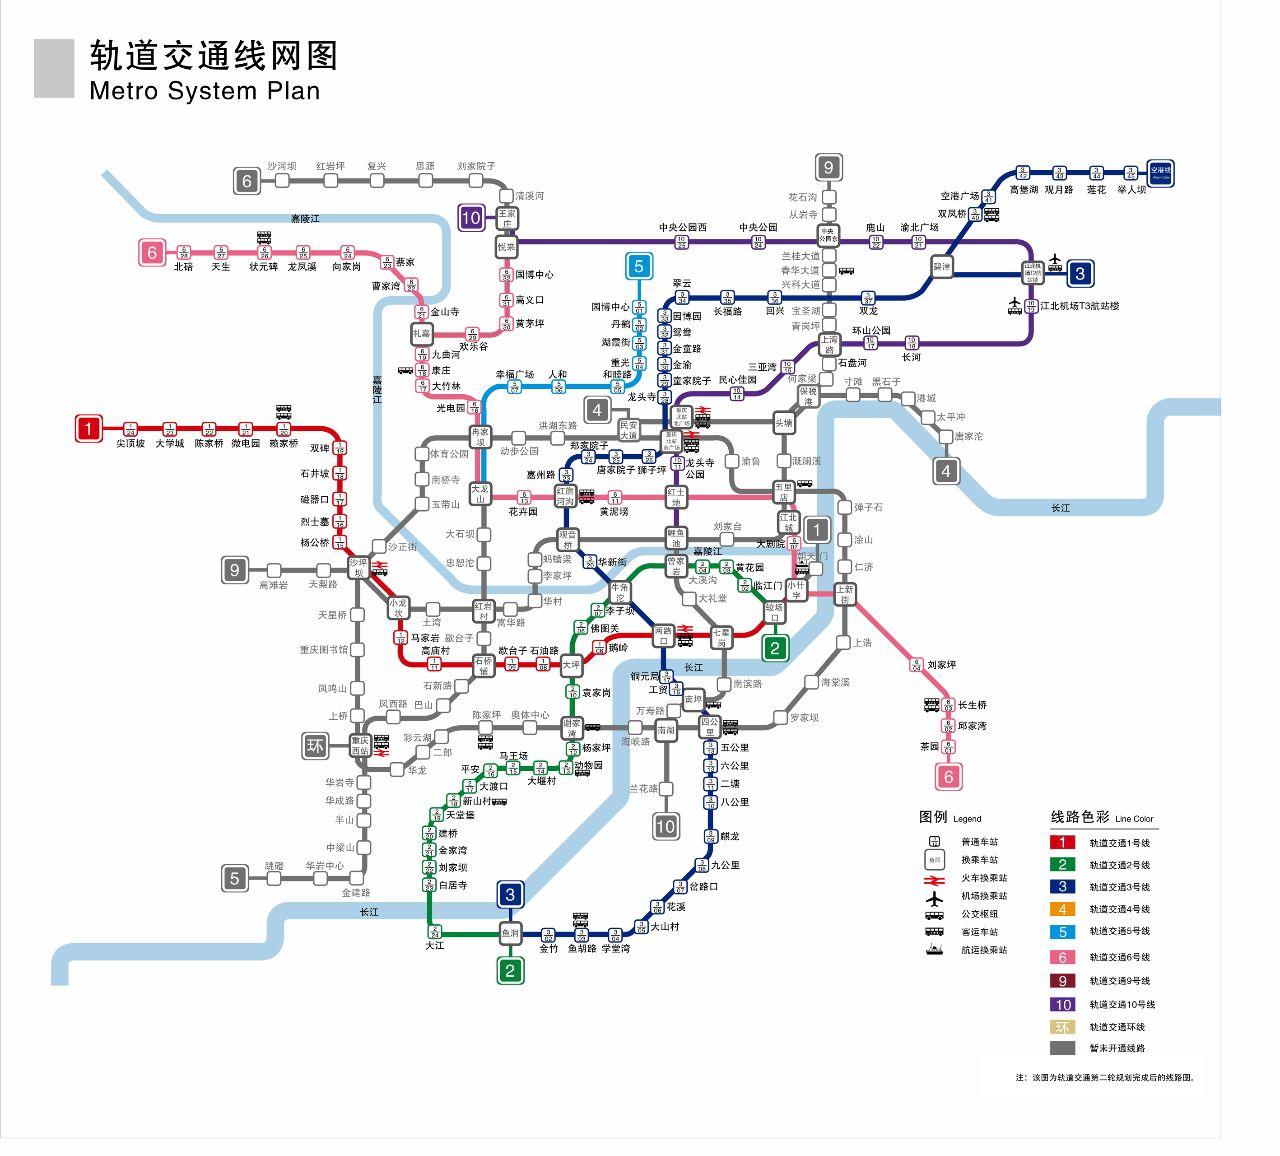 圖:重慶軌道交通線路圖.via 重慶軌道交通公眾號圖片